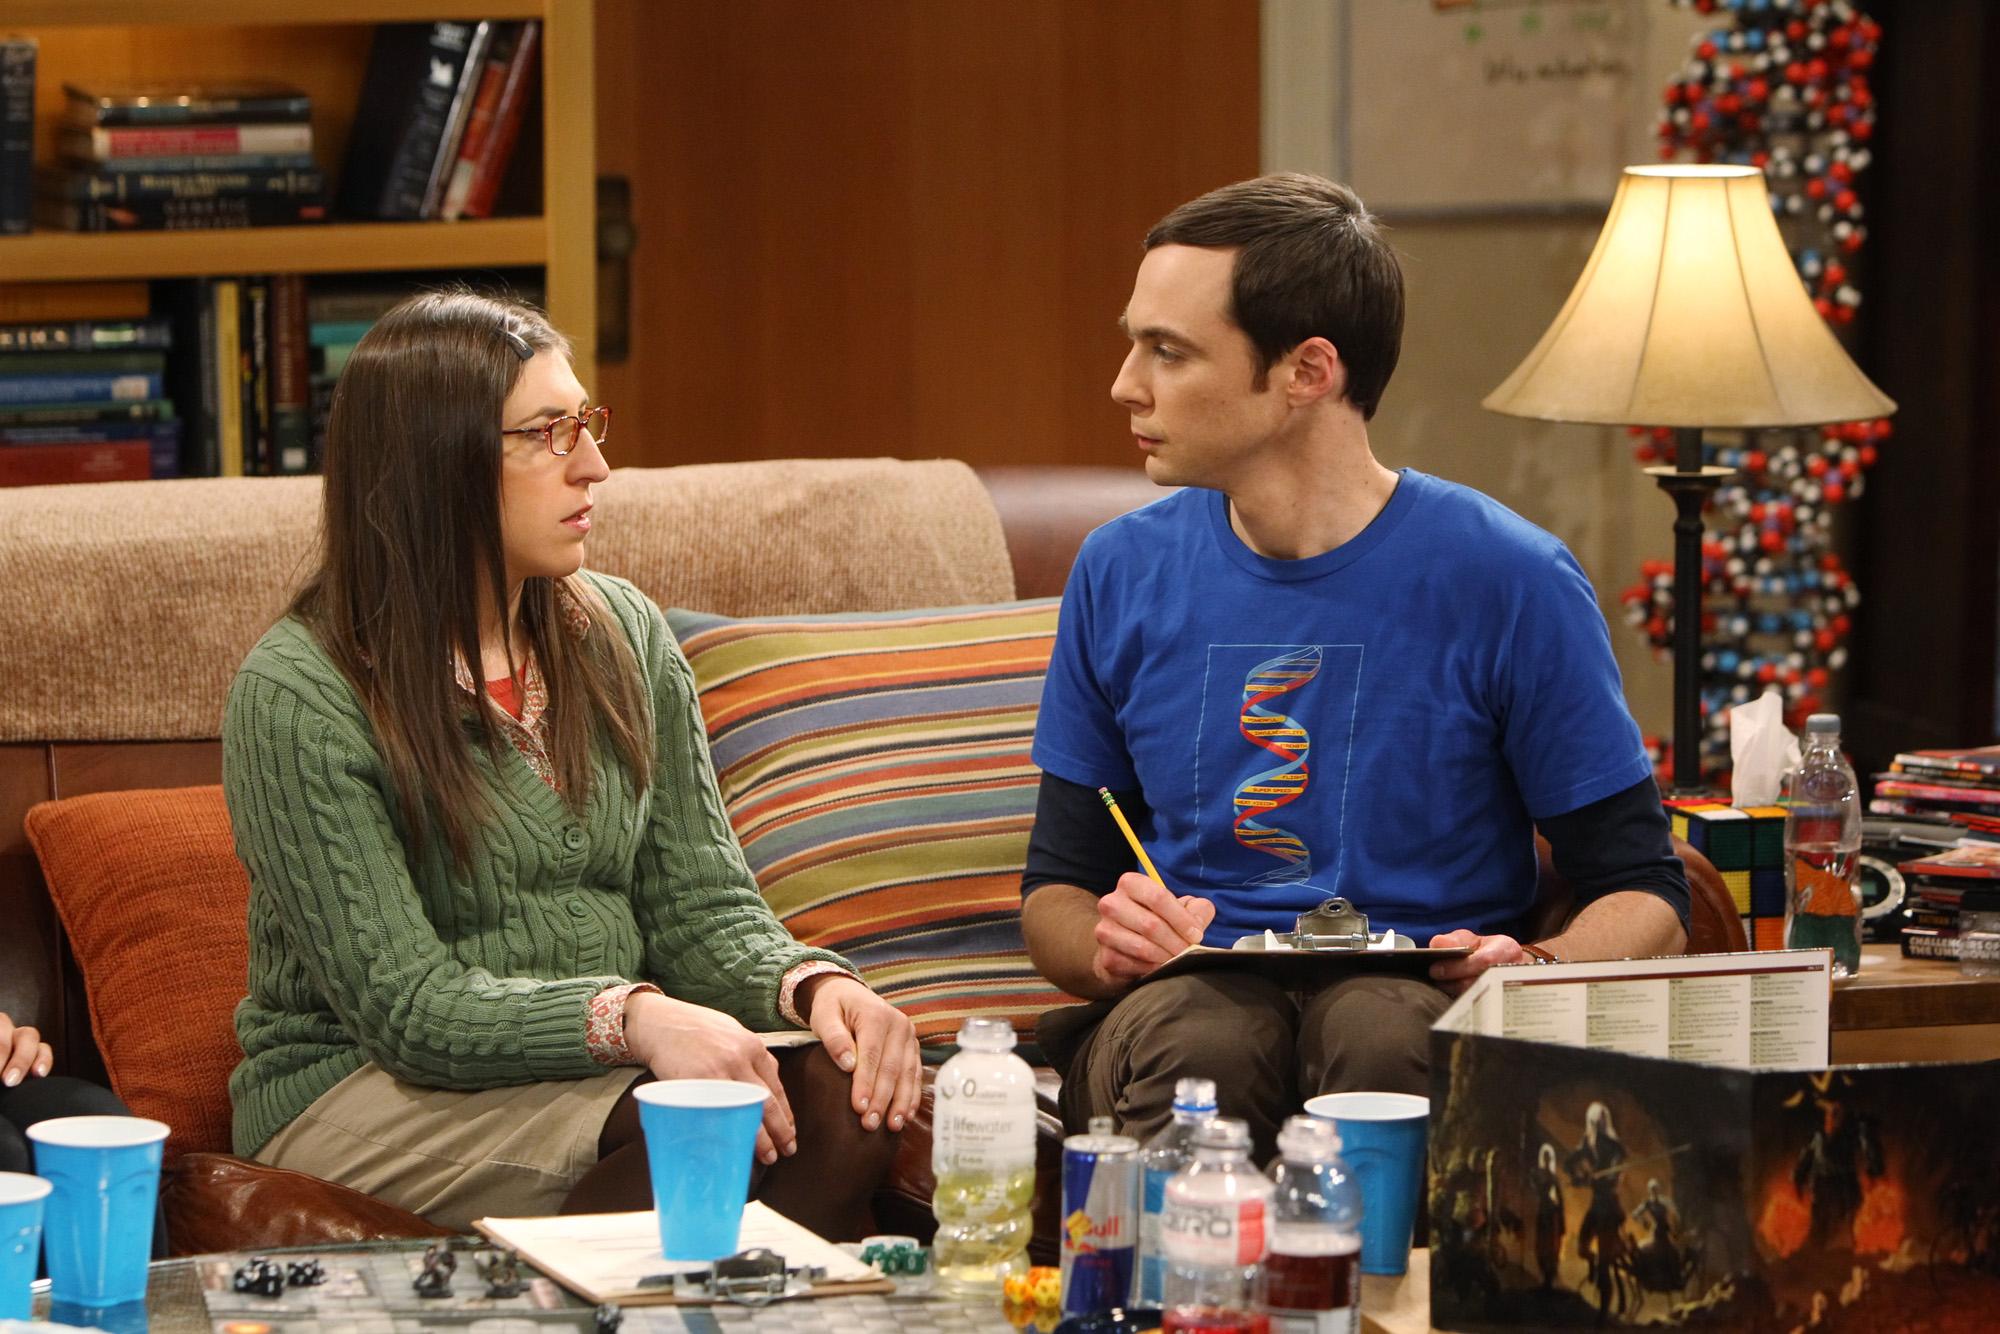 Amy & Sheldon on